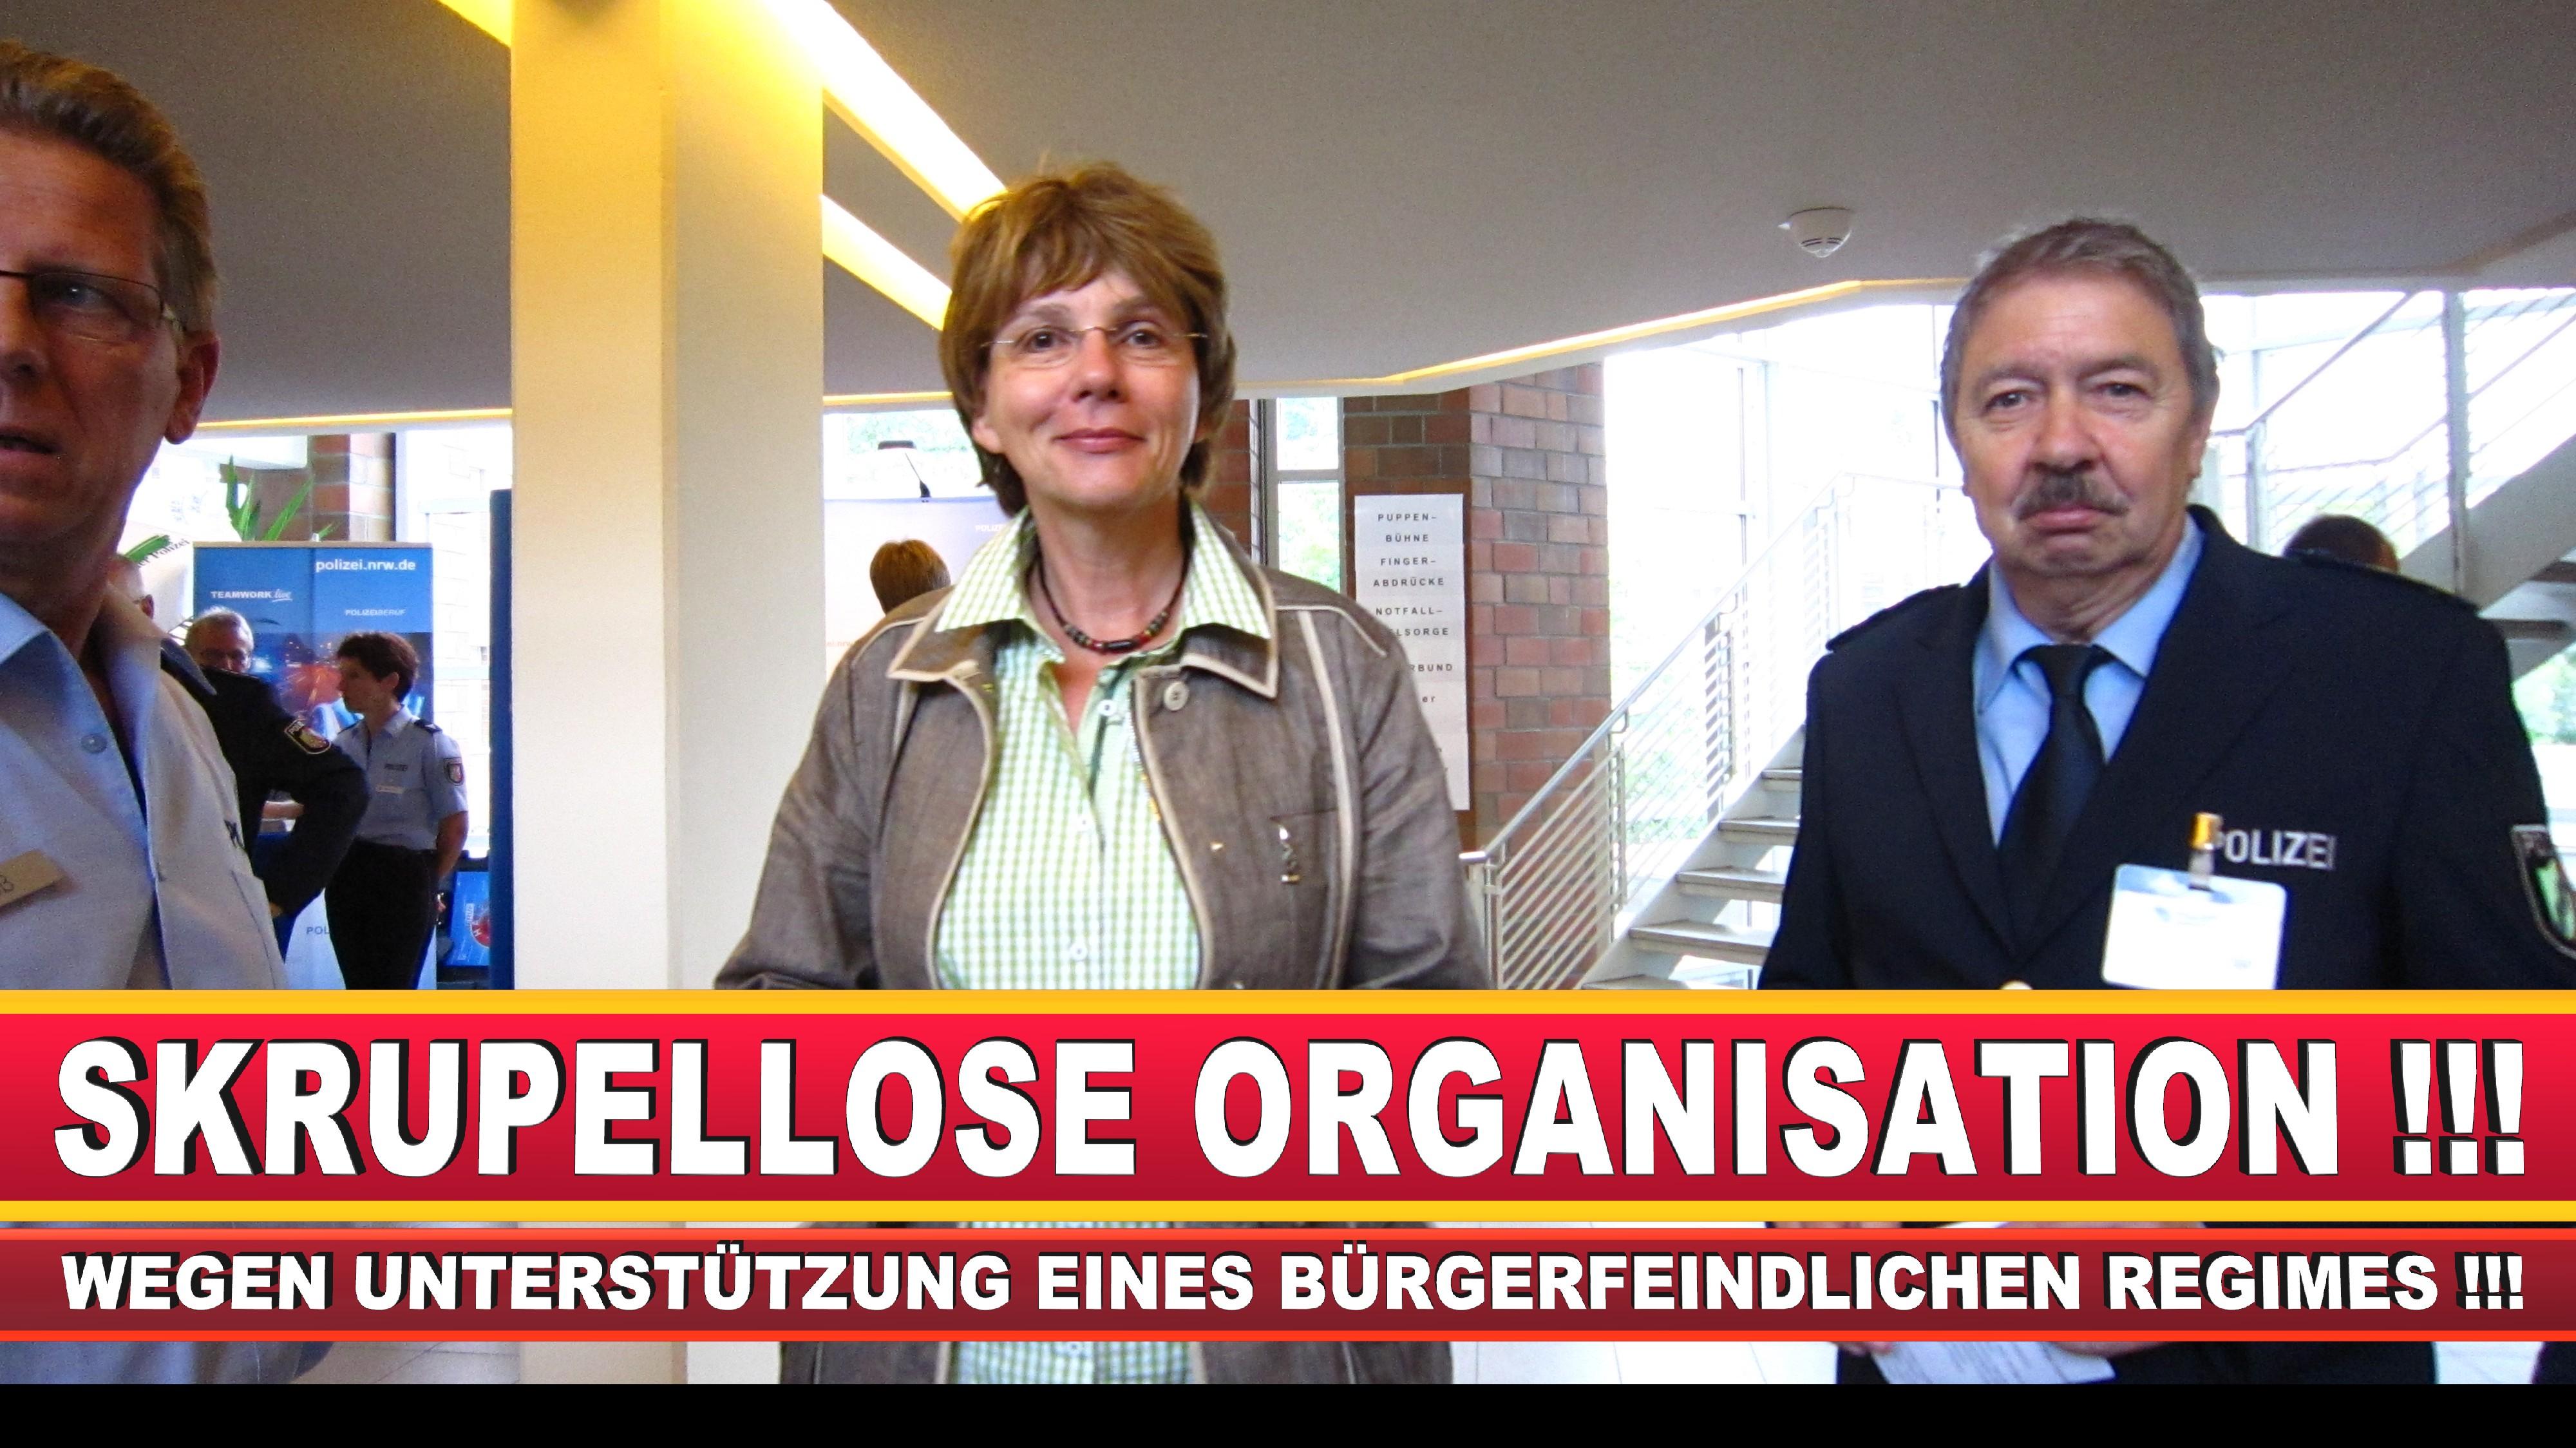 Polizeipräsidentin Katharina Giere Polizei Bielefeld NRW Erwin Südfeld Horst Kruse Polizeiuniform Polizeigewalt DEMONSTRATION Bahnhof (28)